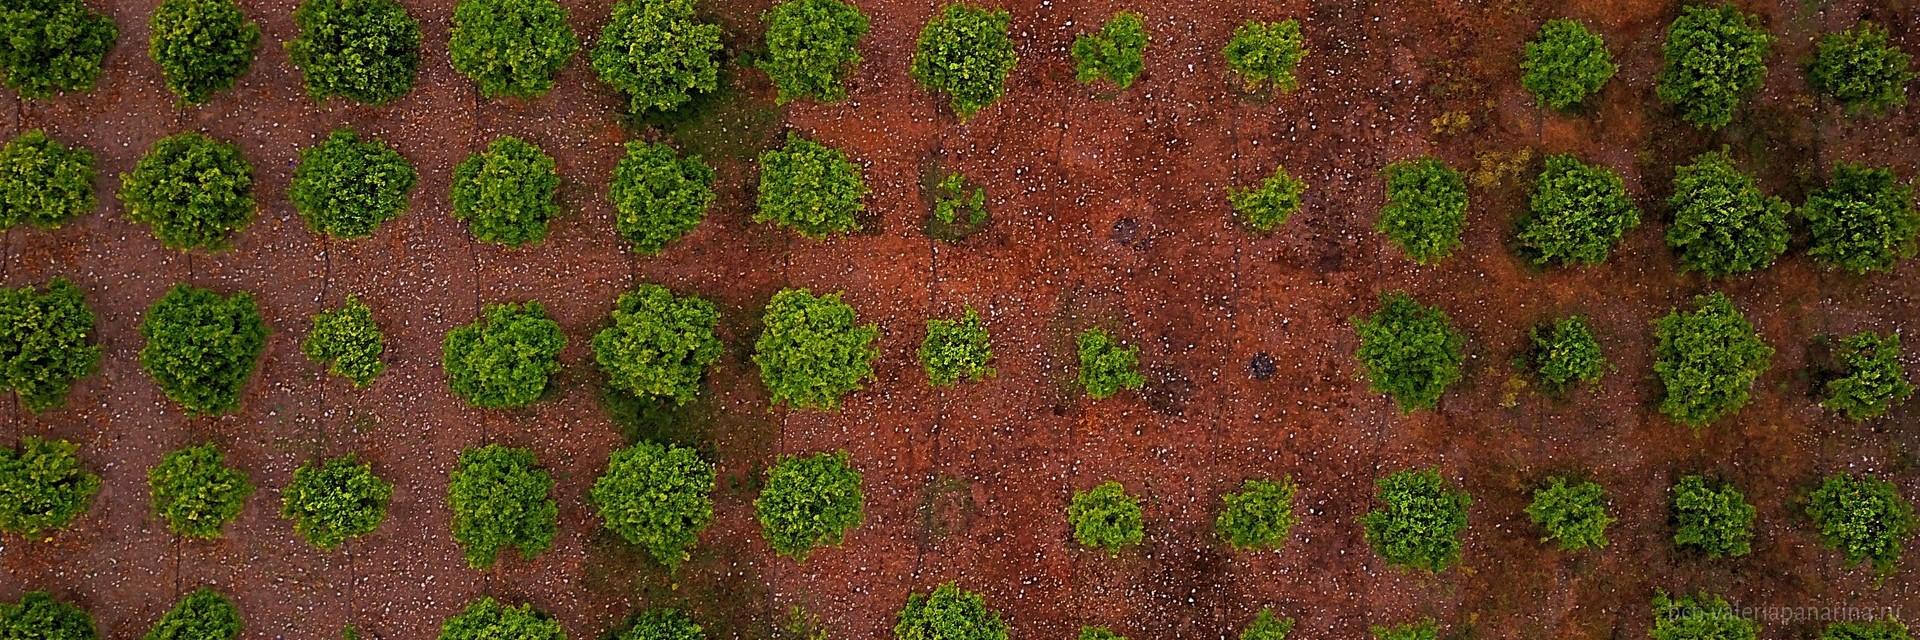 Оливковые рощи – зеленое золото Андалусии